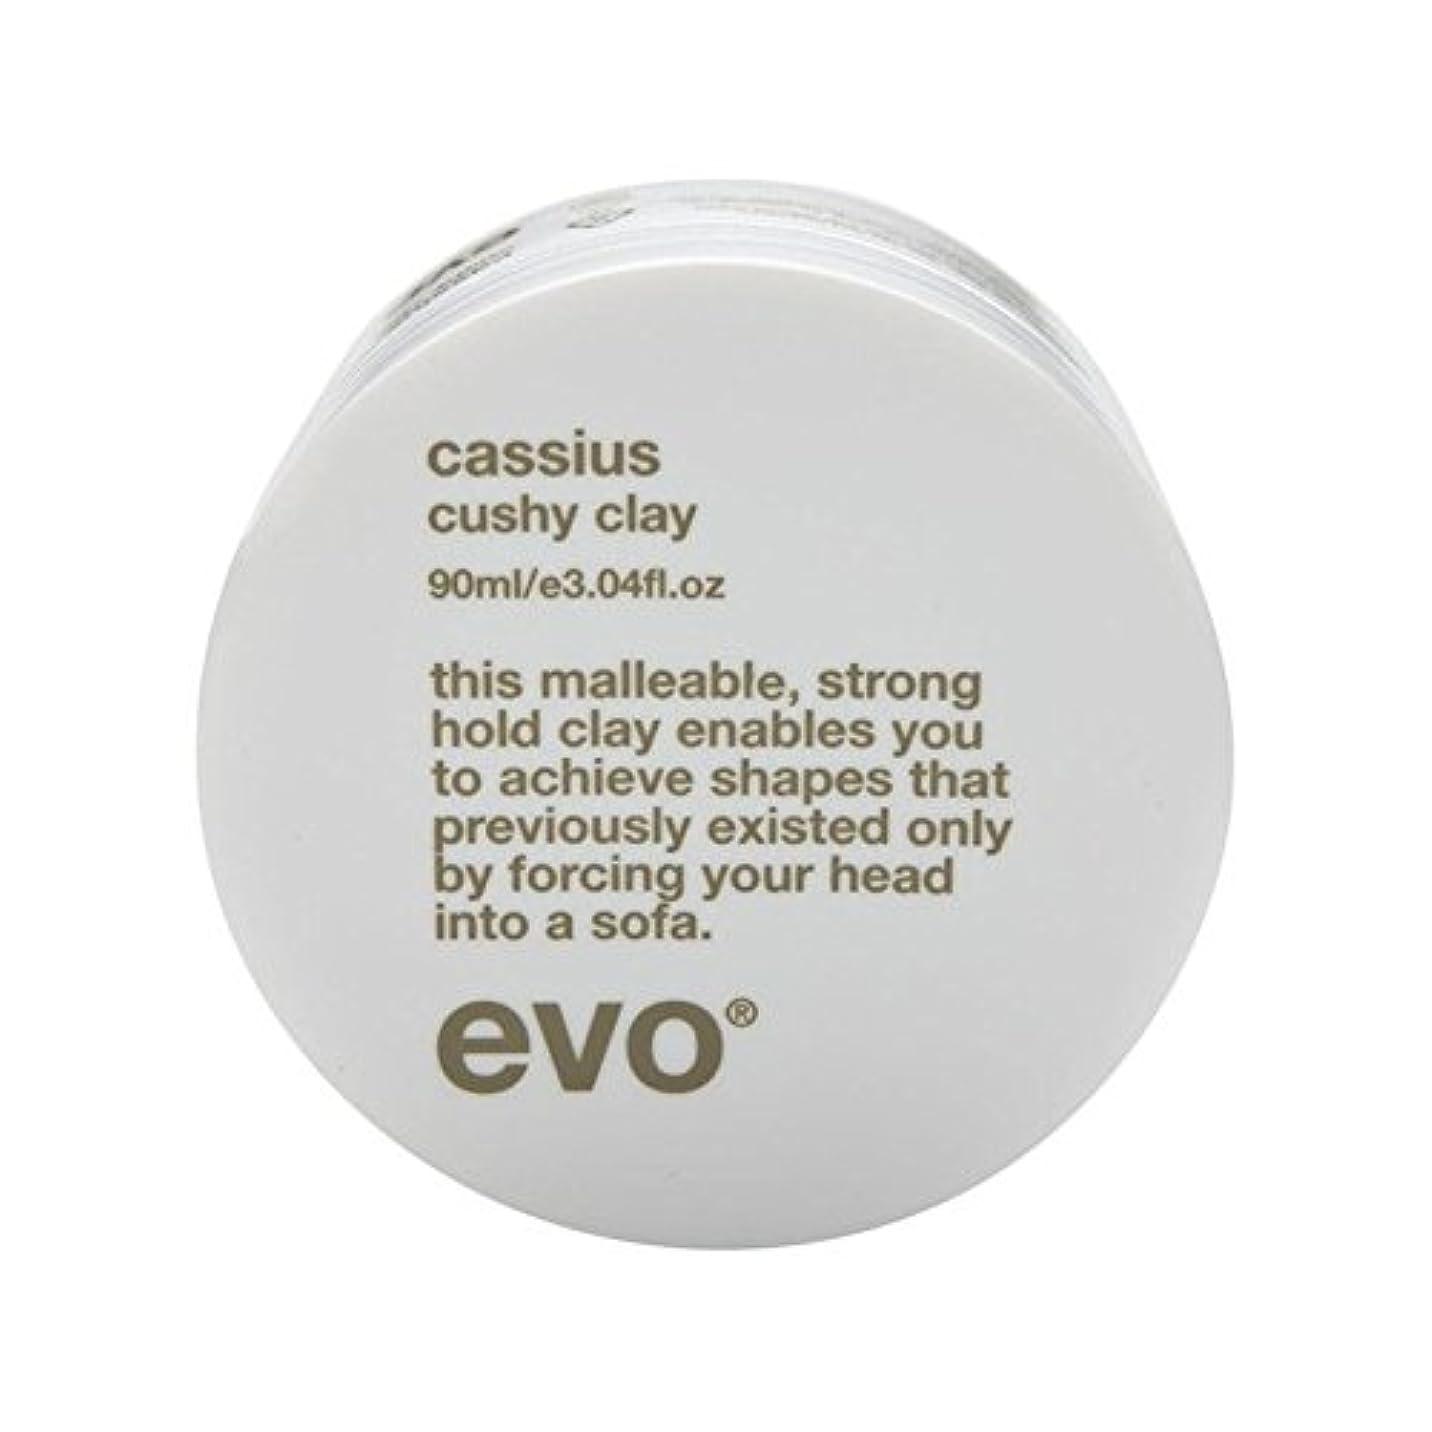 分数延ばすチェスEvo Cassius Cushy Clay 90G - エボカシウス楽な粘土90グラム [並行輸入品]